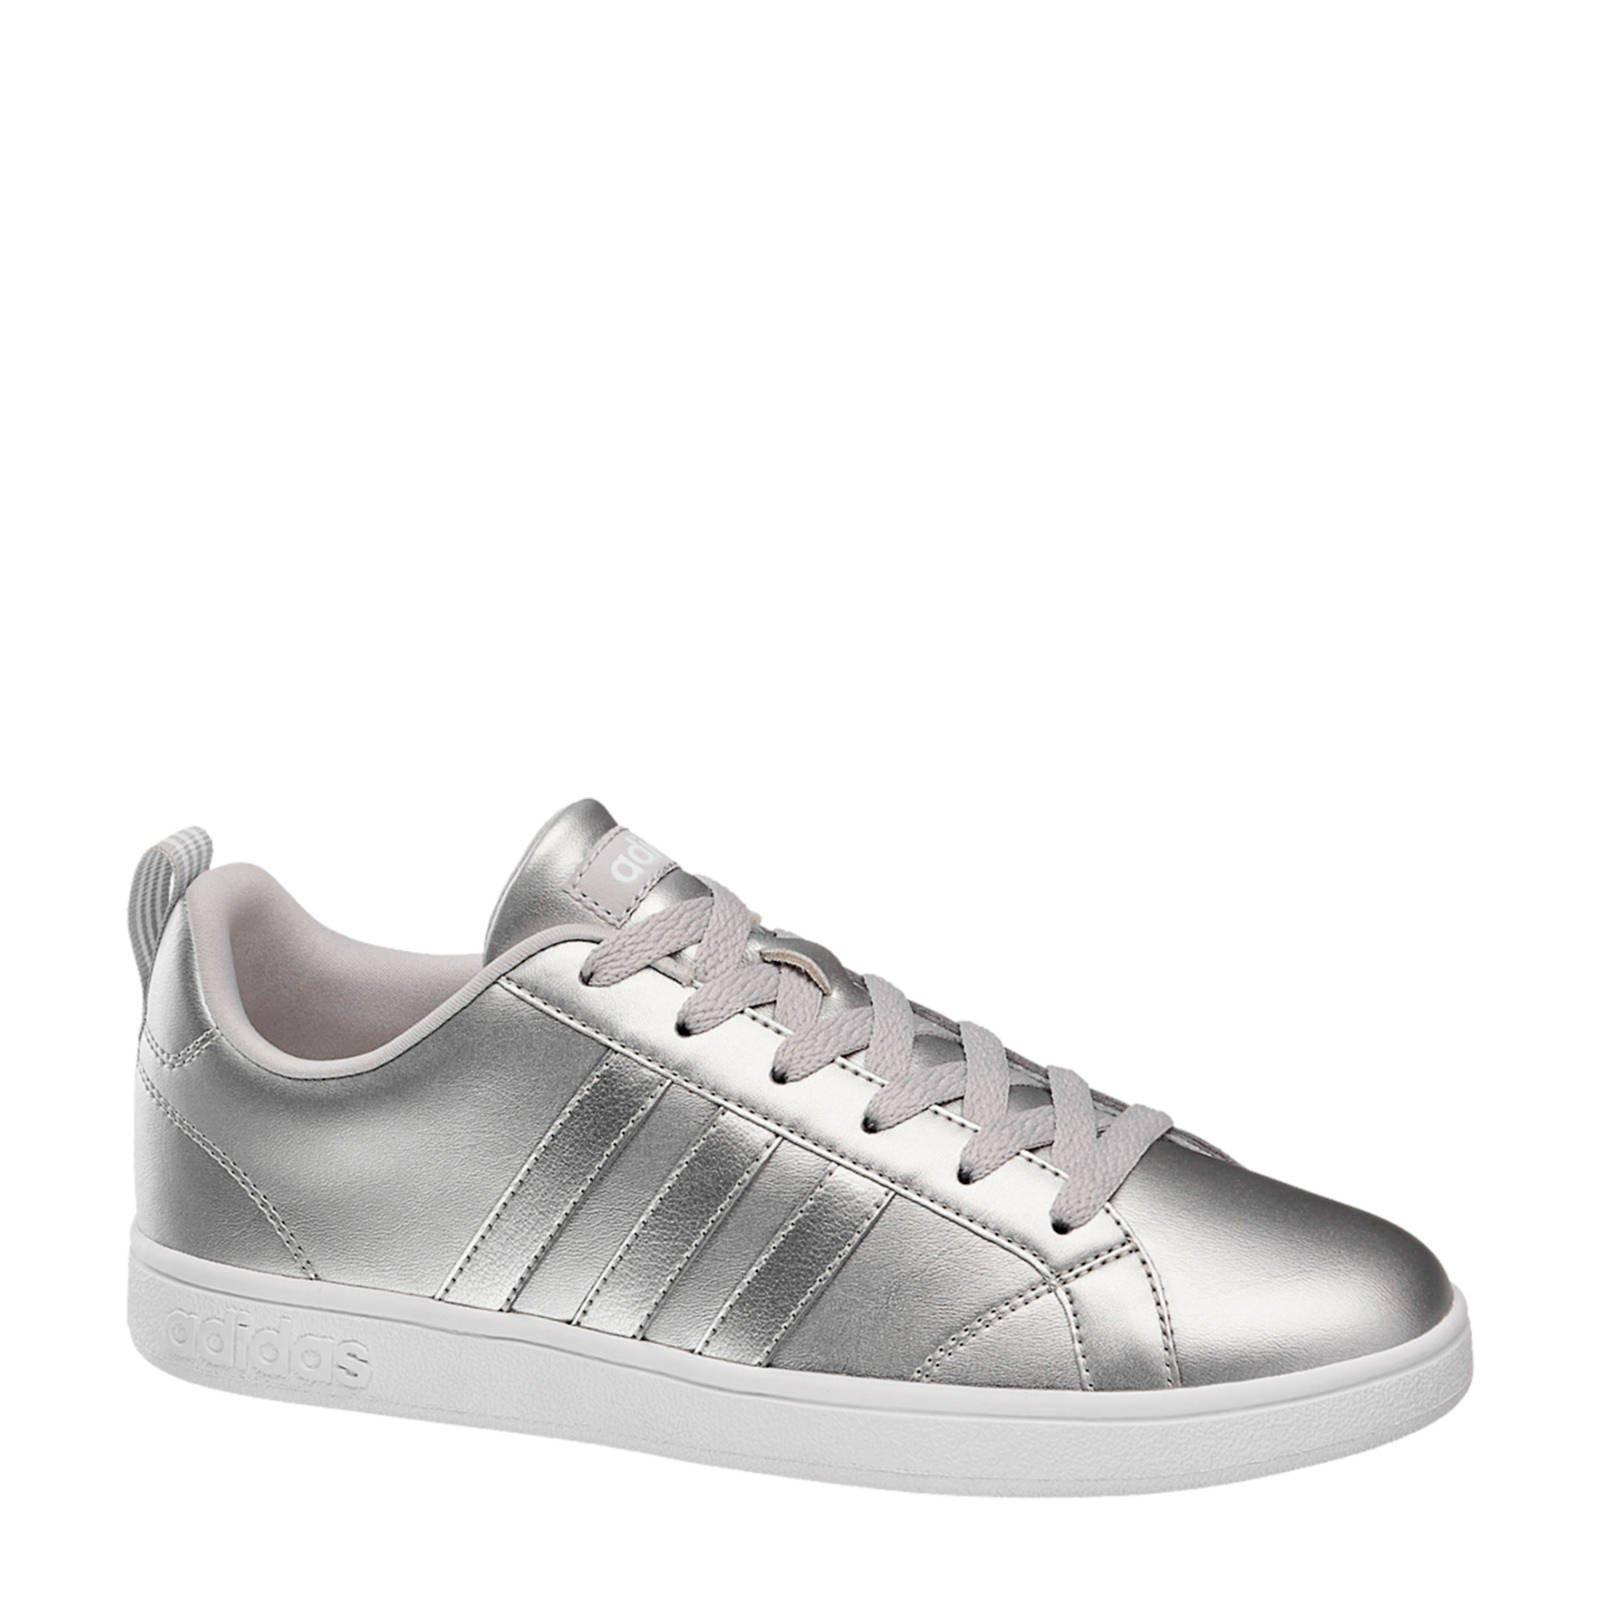 adidas schoenen zilver